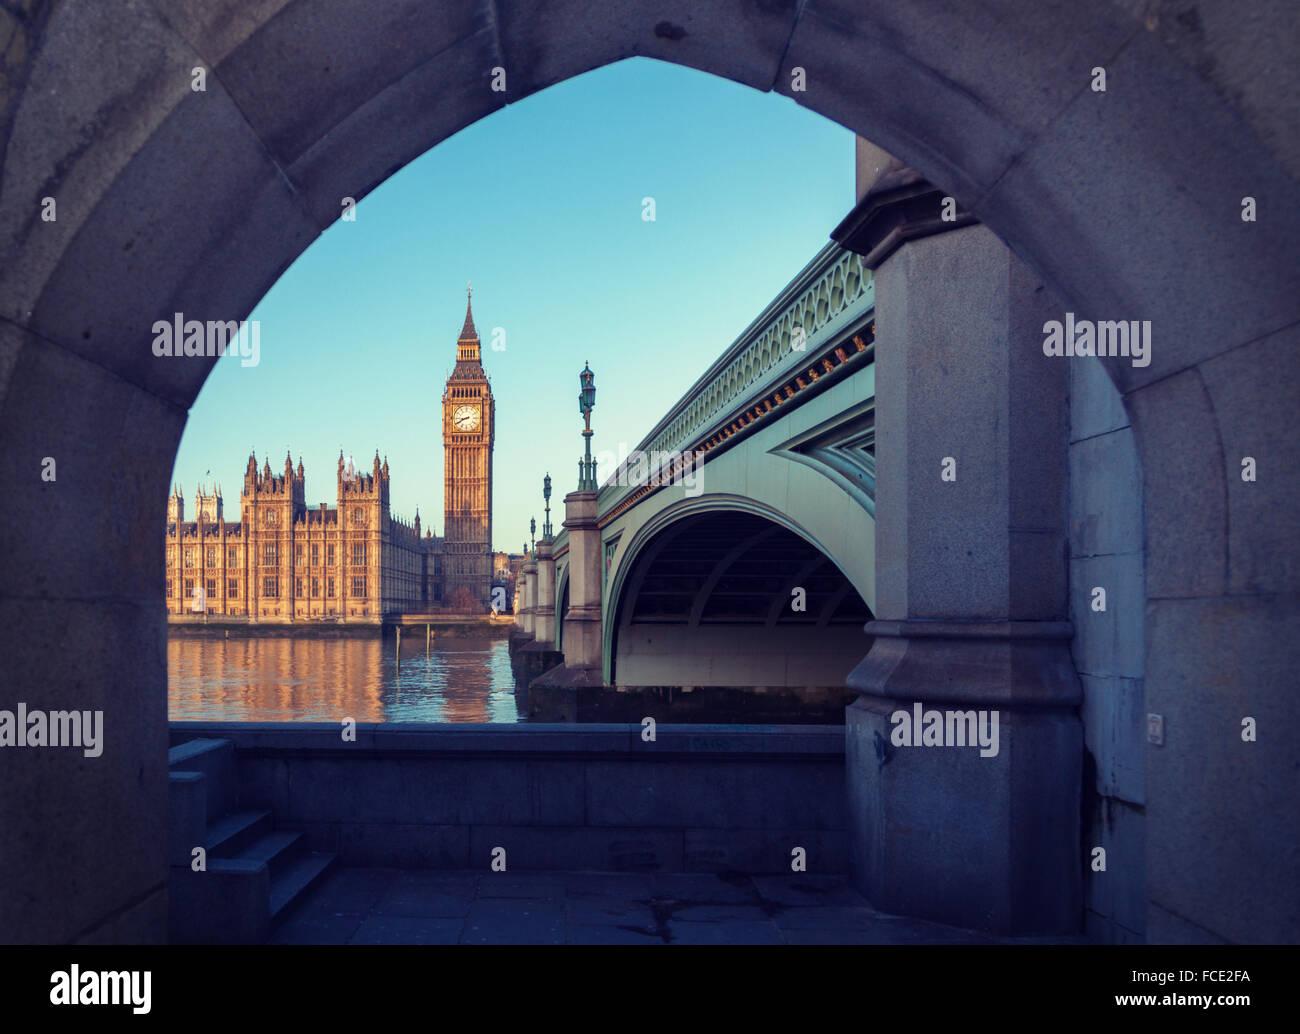 Célèbre Big Ben Clock Tower dans le centre de Londres Photo Stock